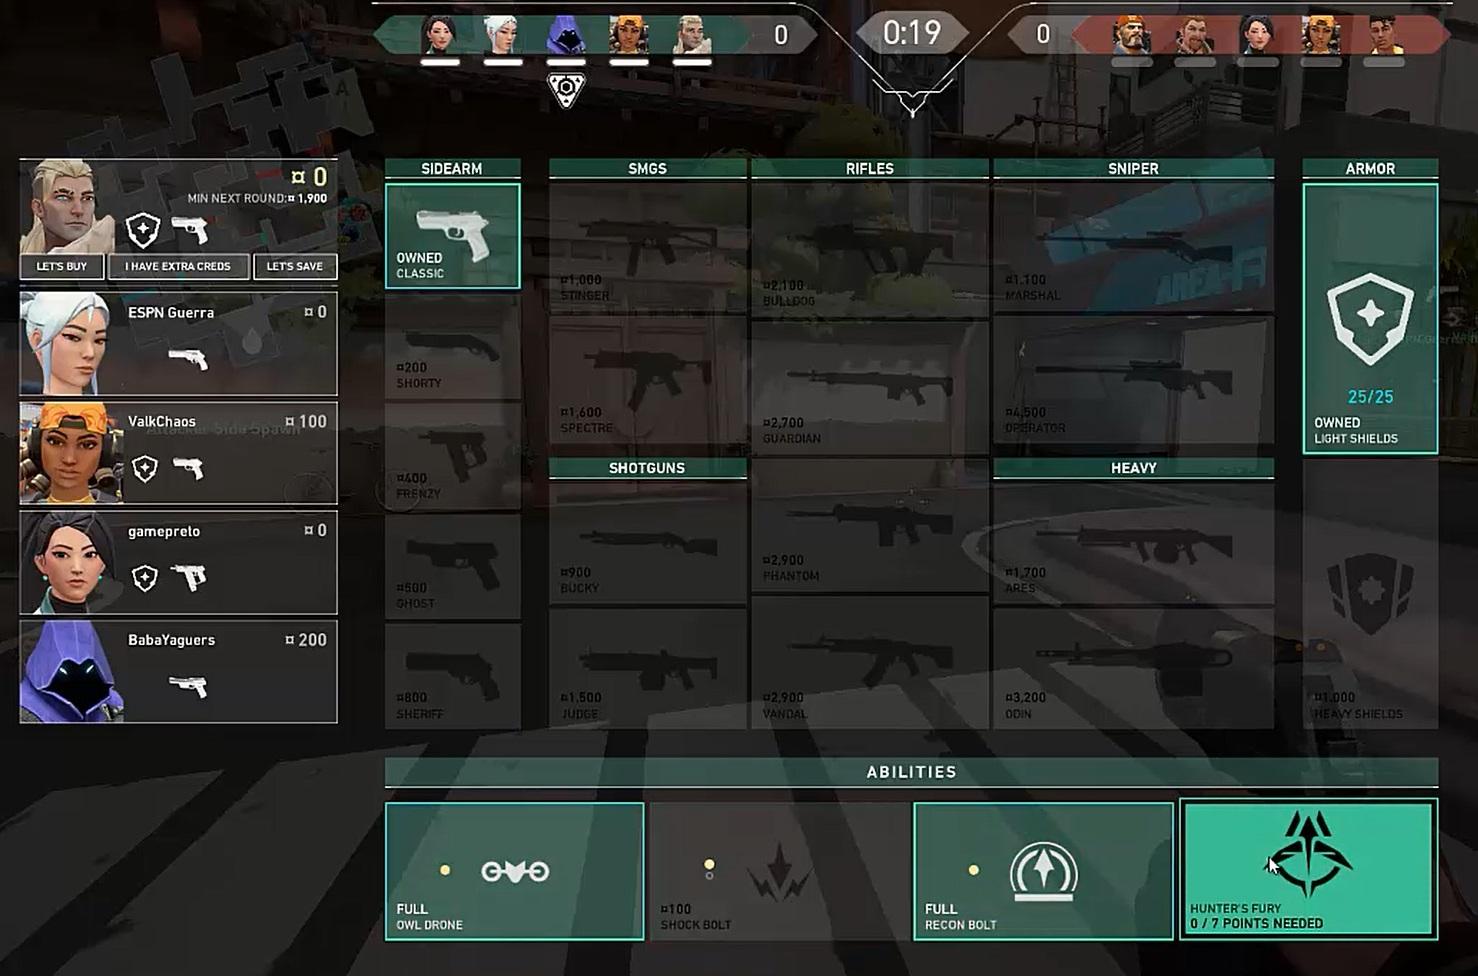 Toda rodada começa com uma fase de compras na qual você abastece suas armas e poderes